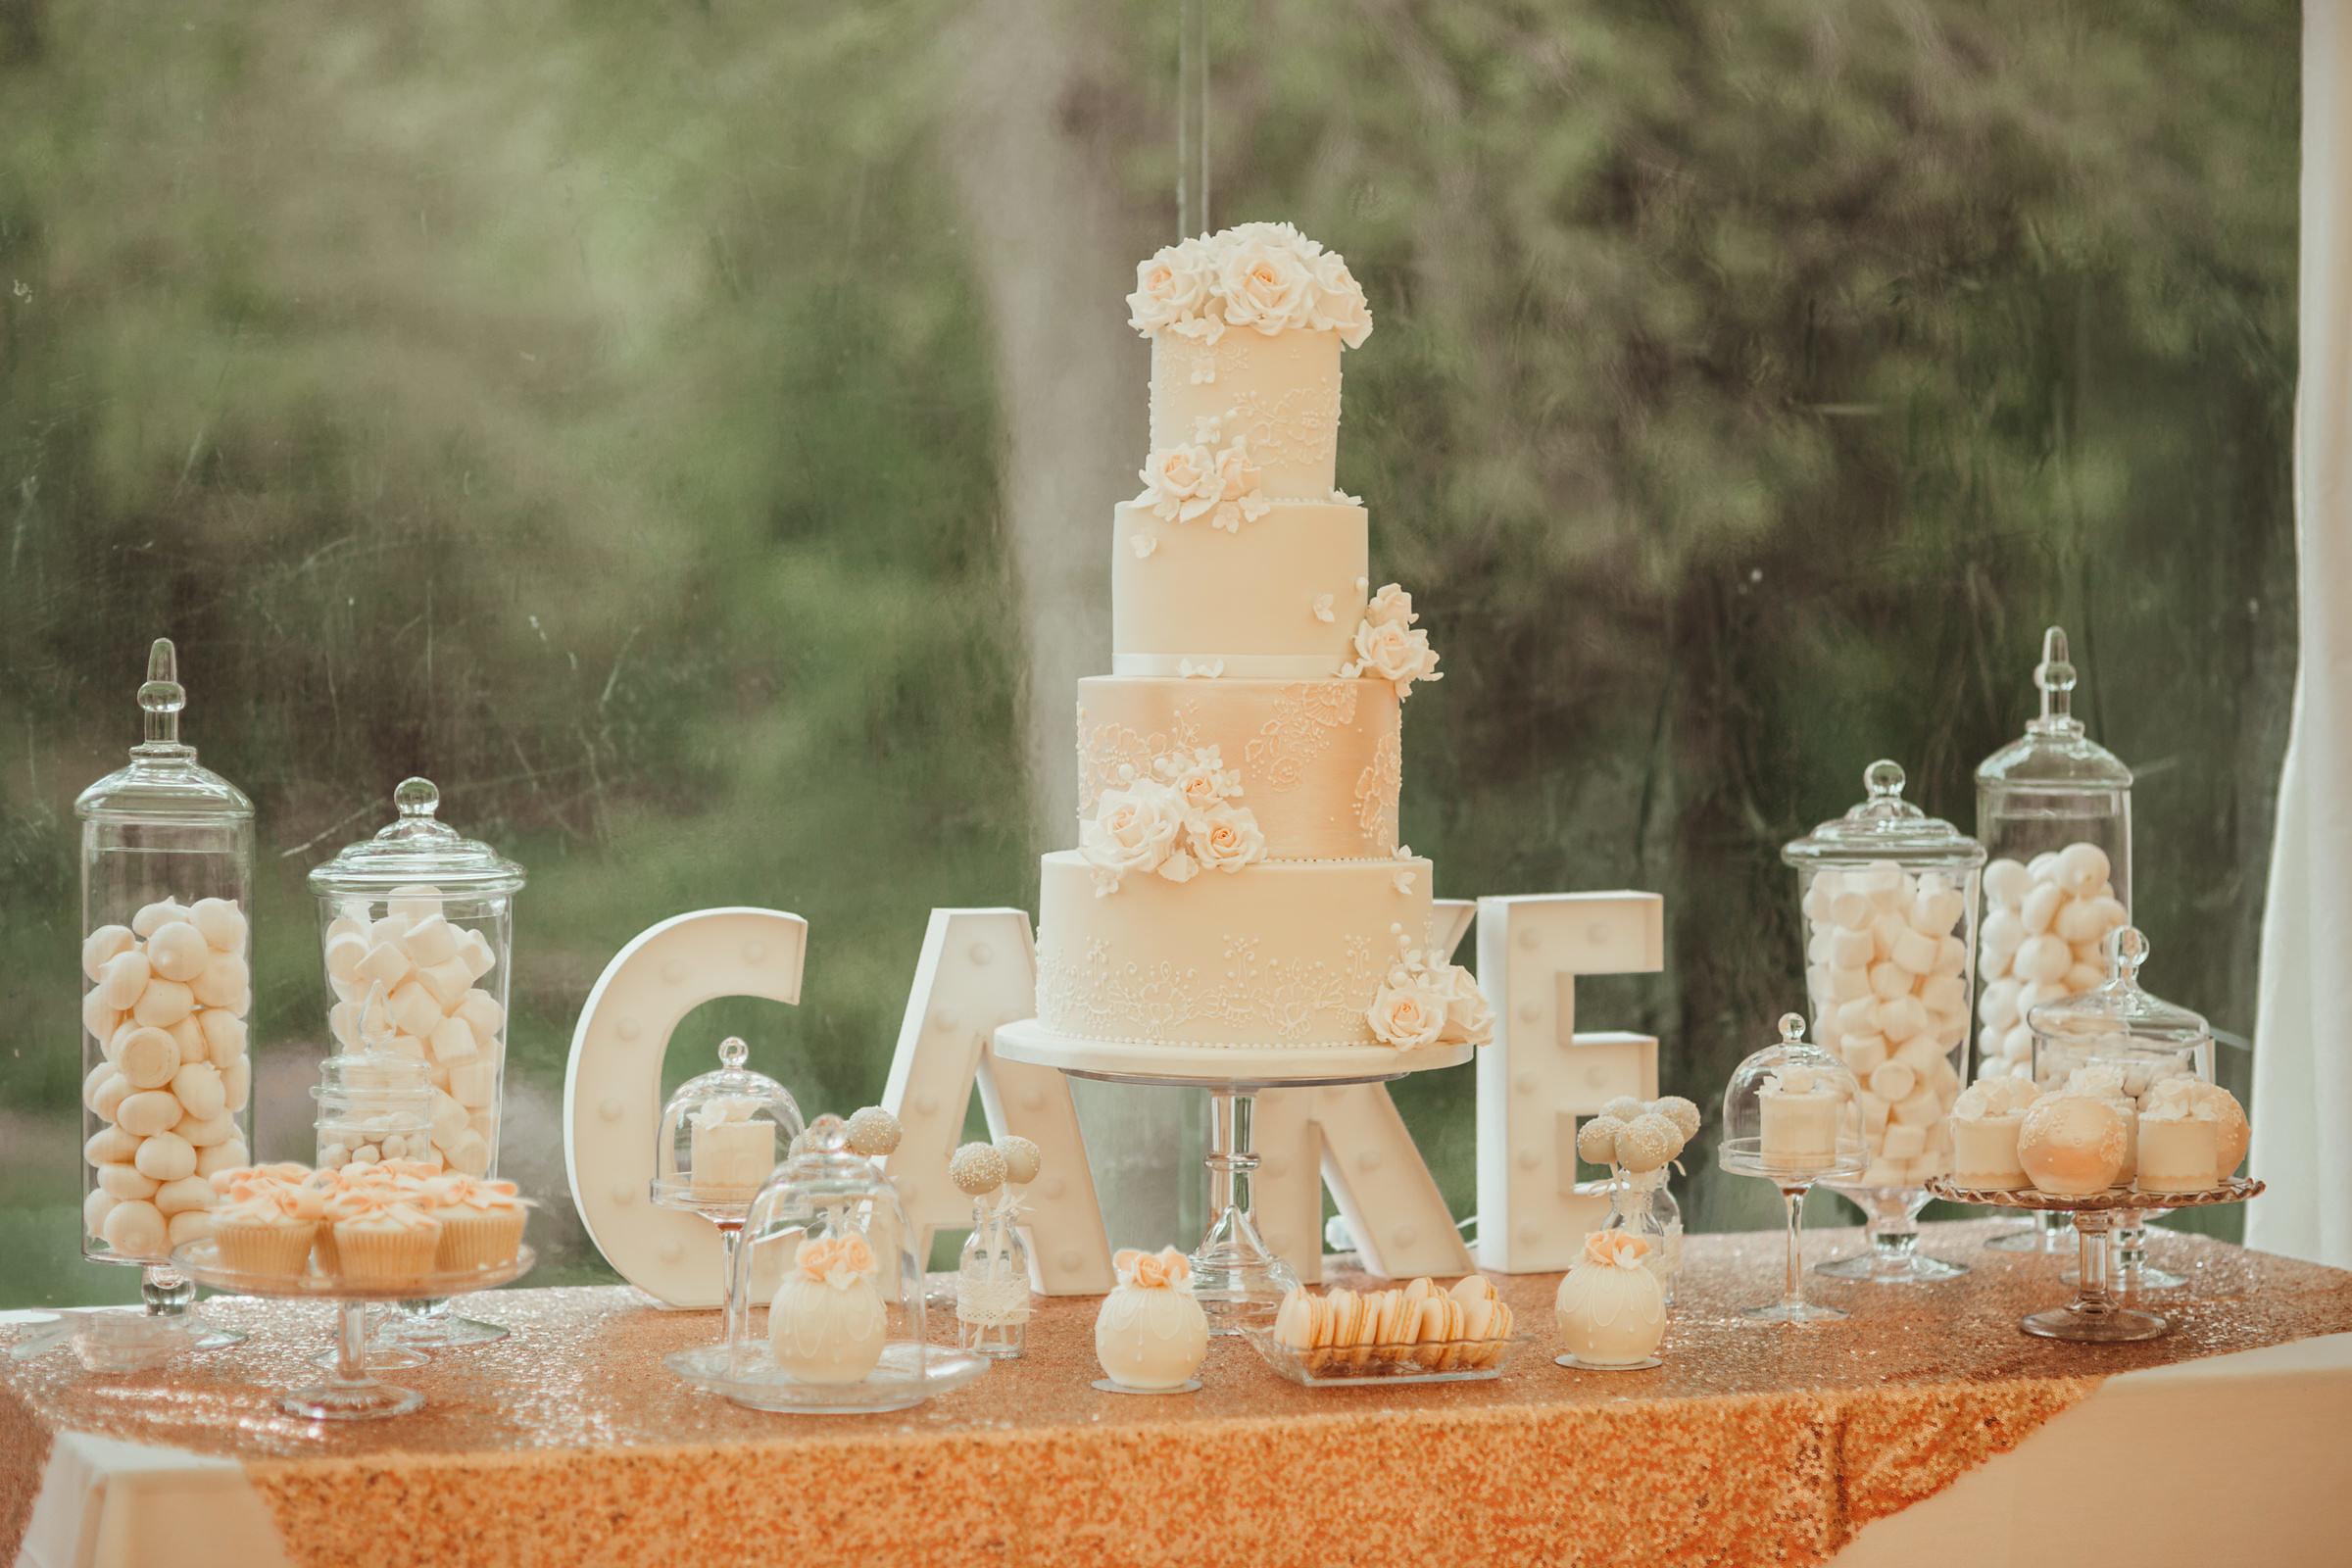 Buckinghamshire Wedding Planner